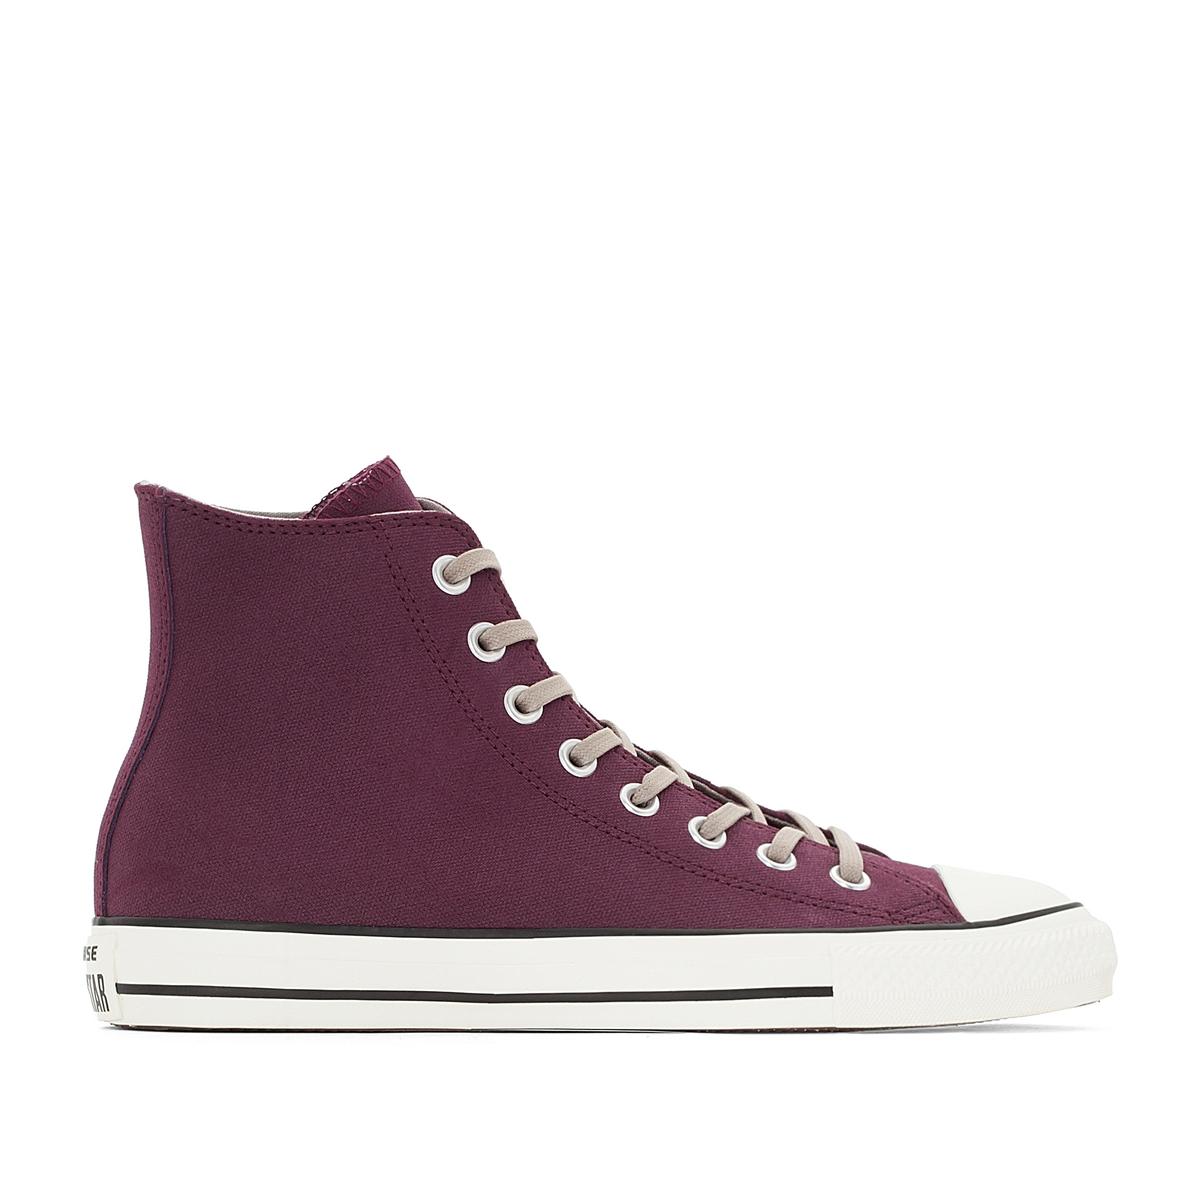 zapatillas Zapatillas de ca?a alta CTAS Coated Leather Hi